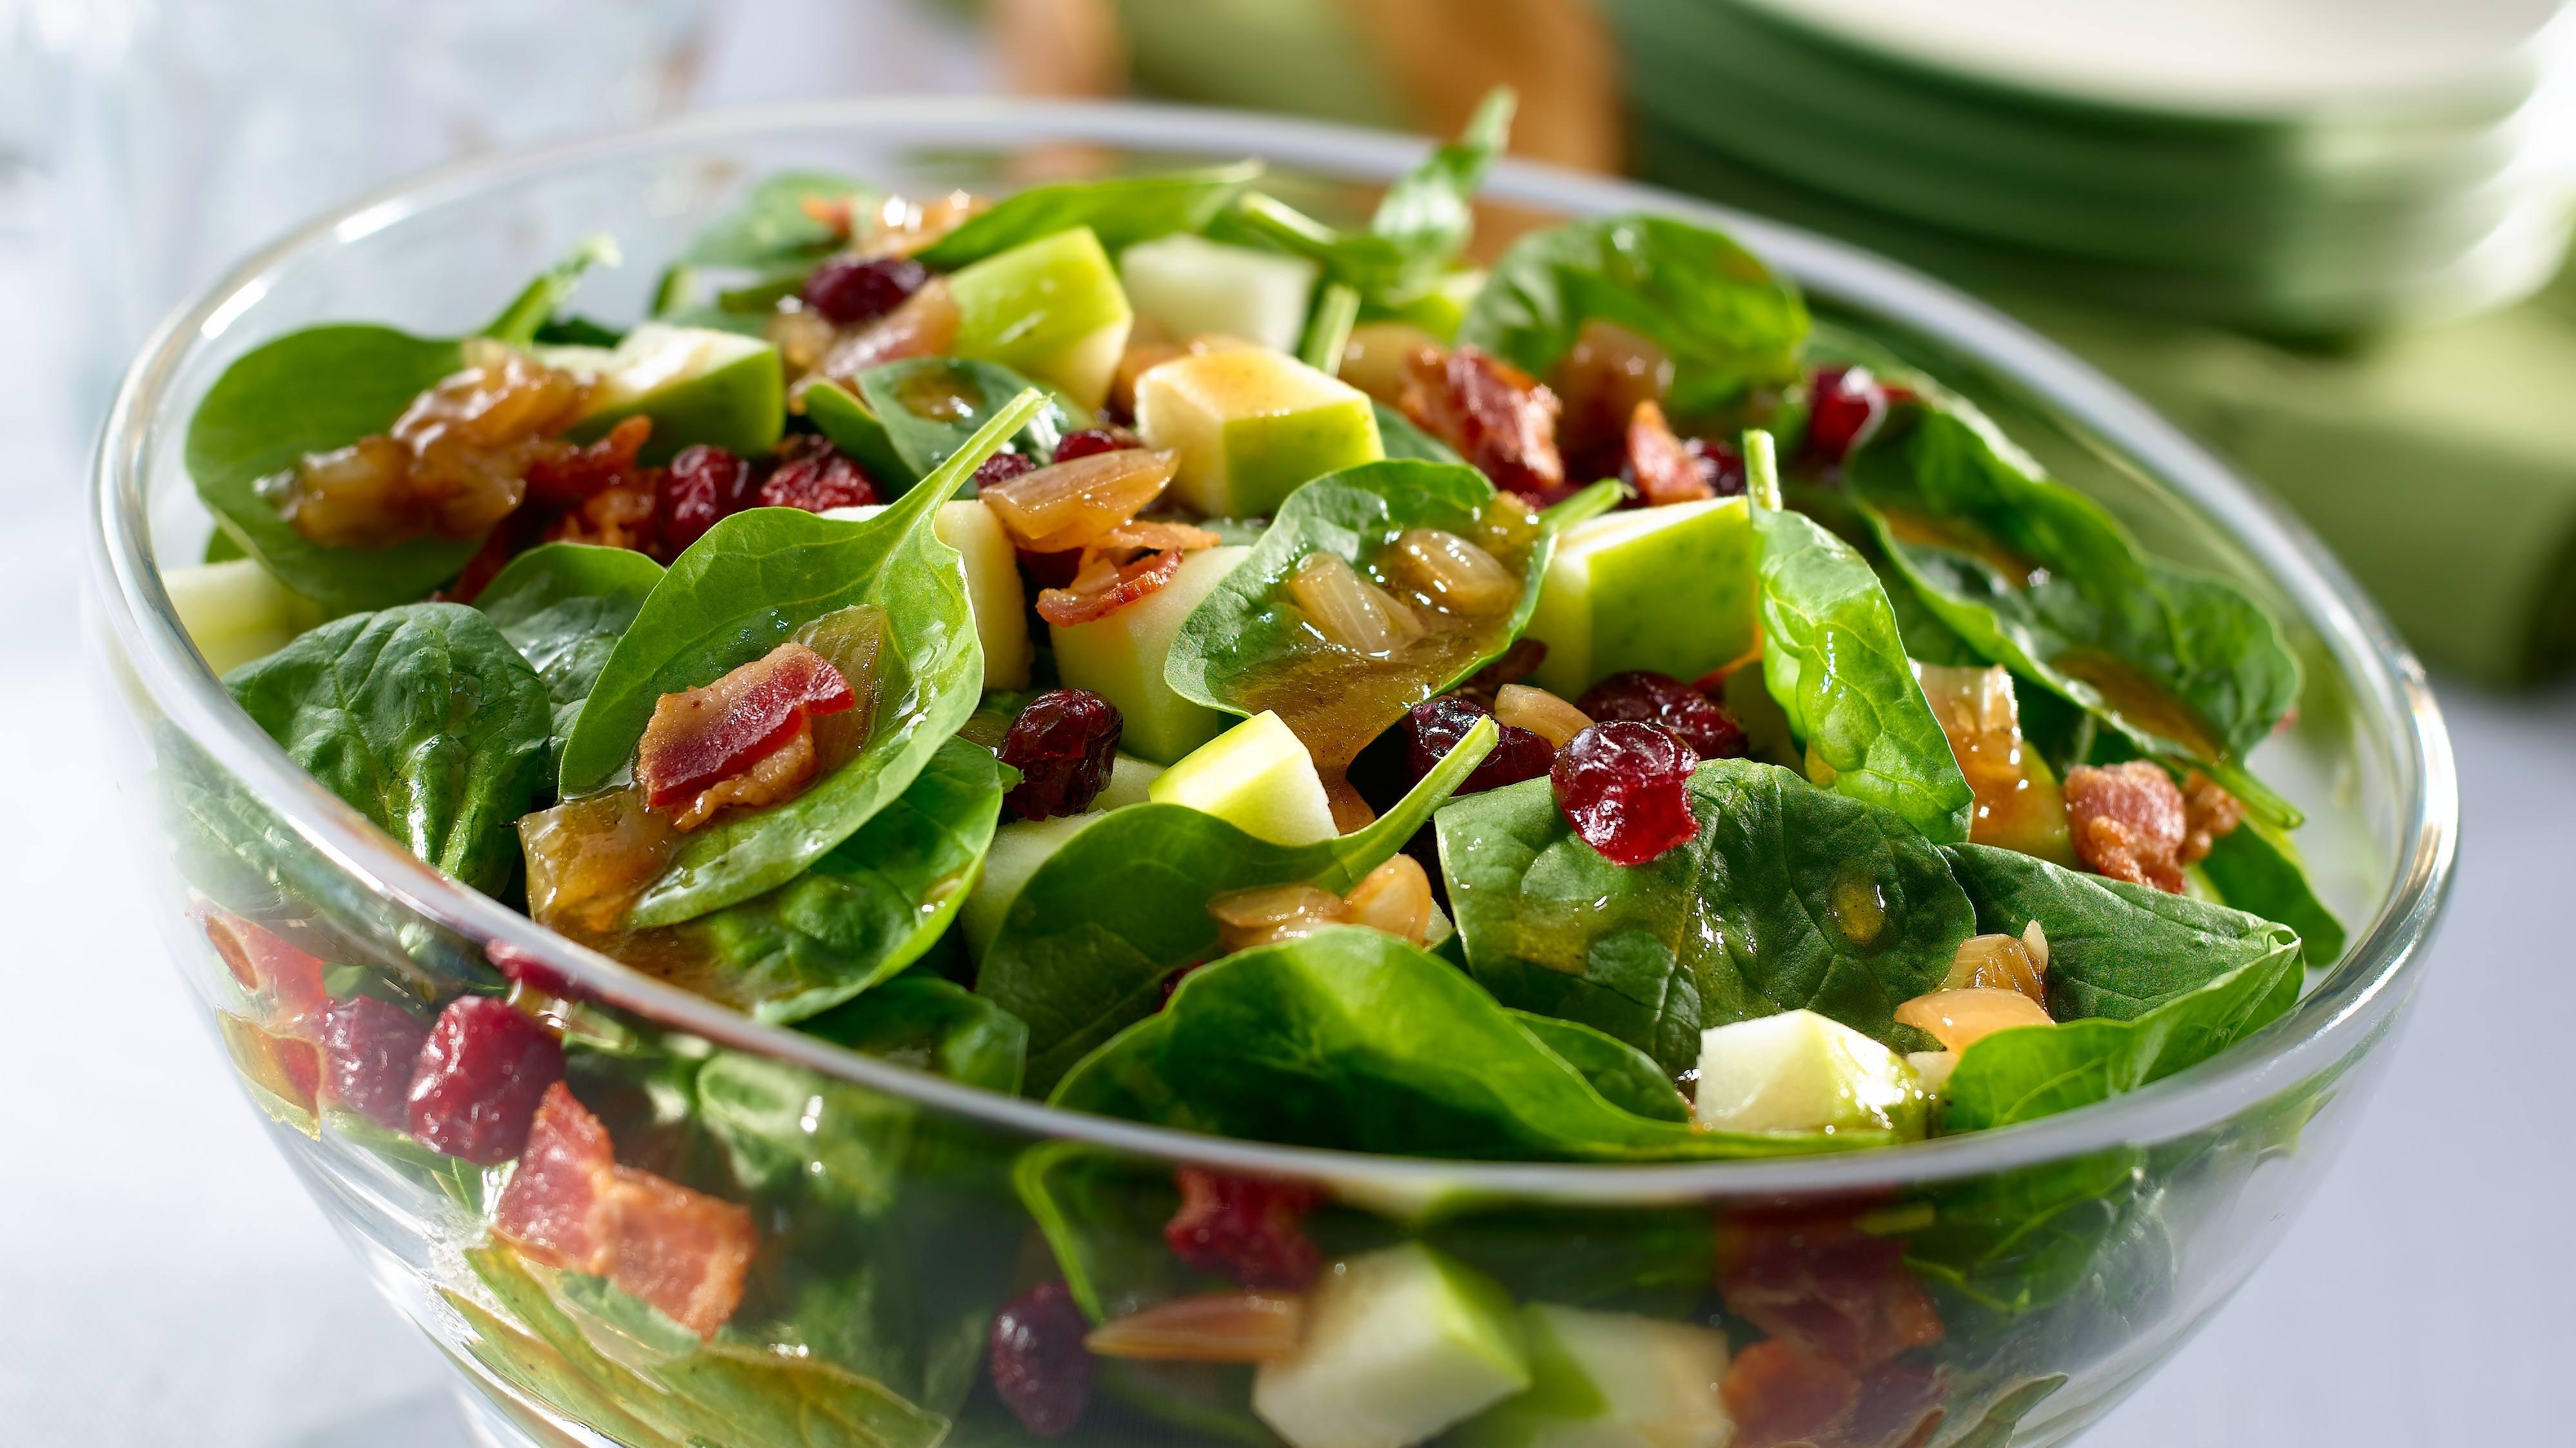 Warm Bacon & Shallot Spinach Salad